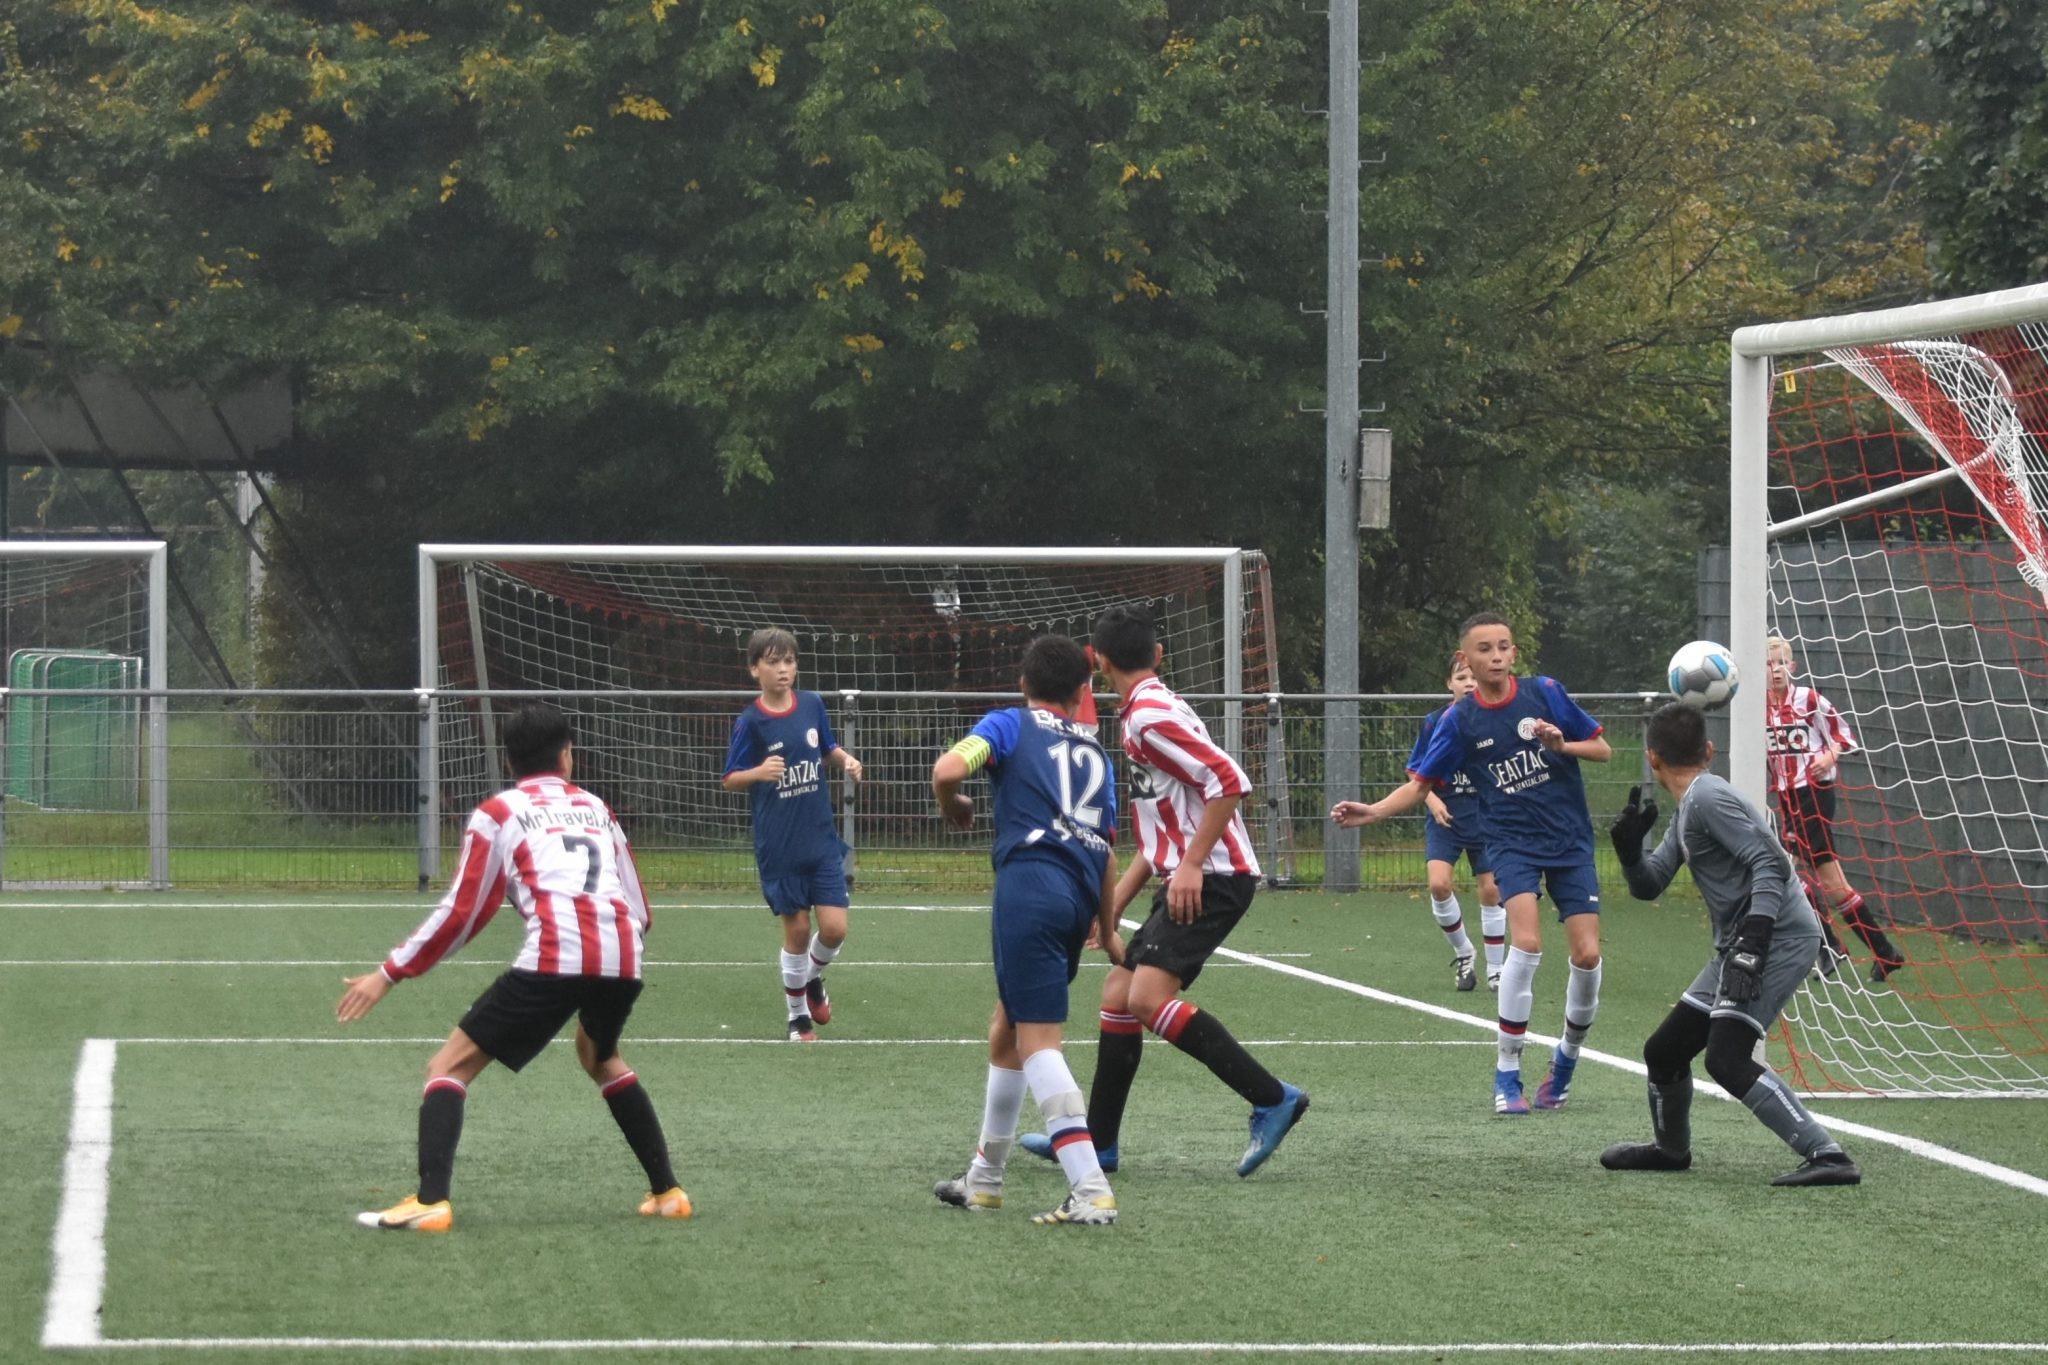 Alphense Boys JO14-1 – Fortuna Wormerveer JO14-1: Eenvoudige maar bescheiden overwinning